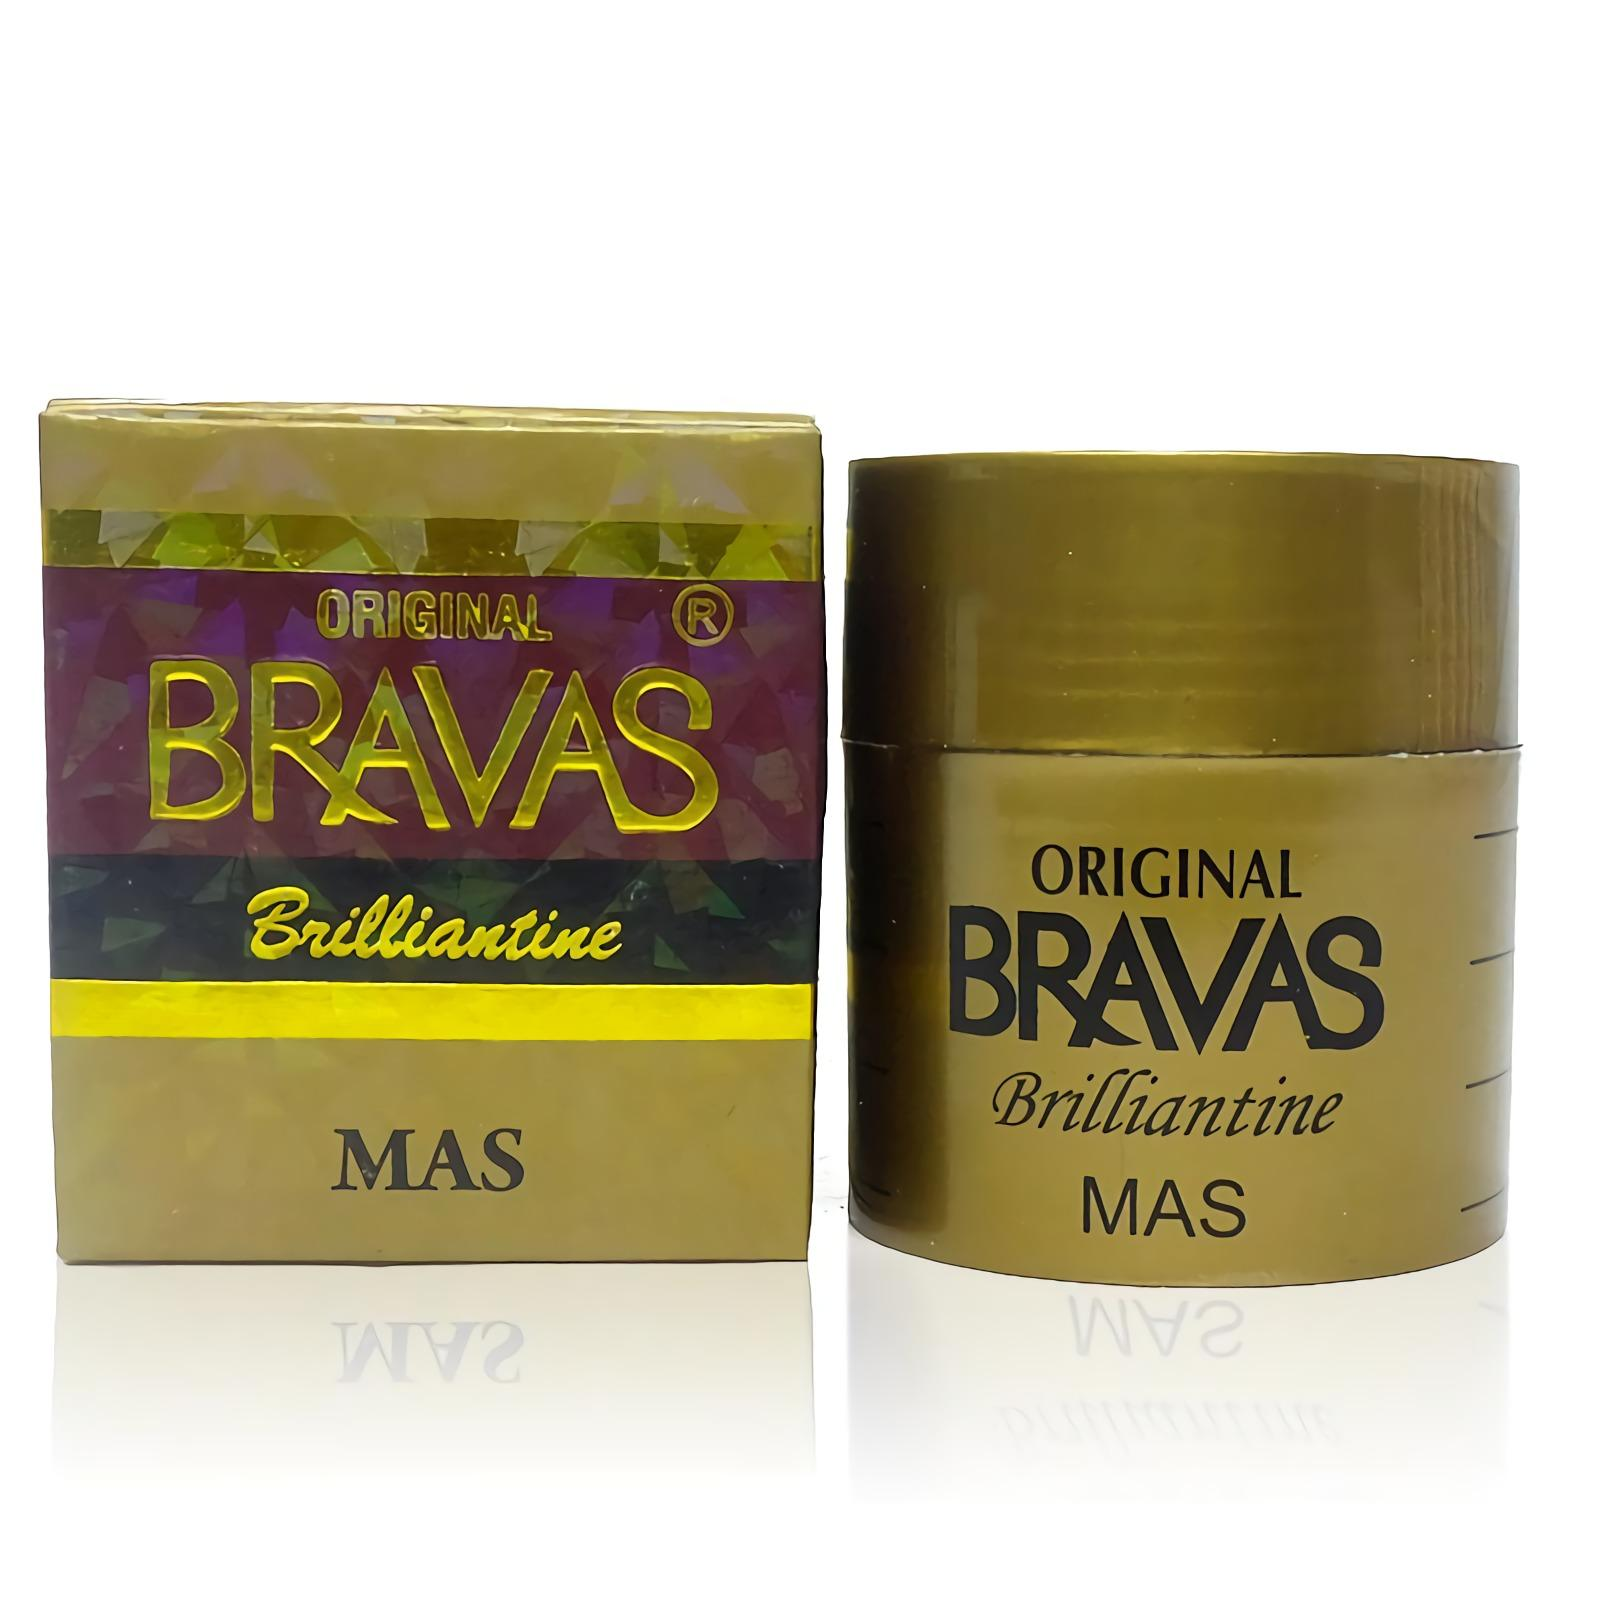 BRAVAS Pomade Brilliantine MAS 80G Original BPOM Minyak Rambut Penata XX-CT